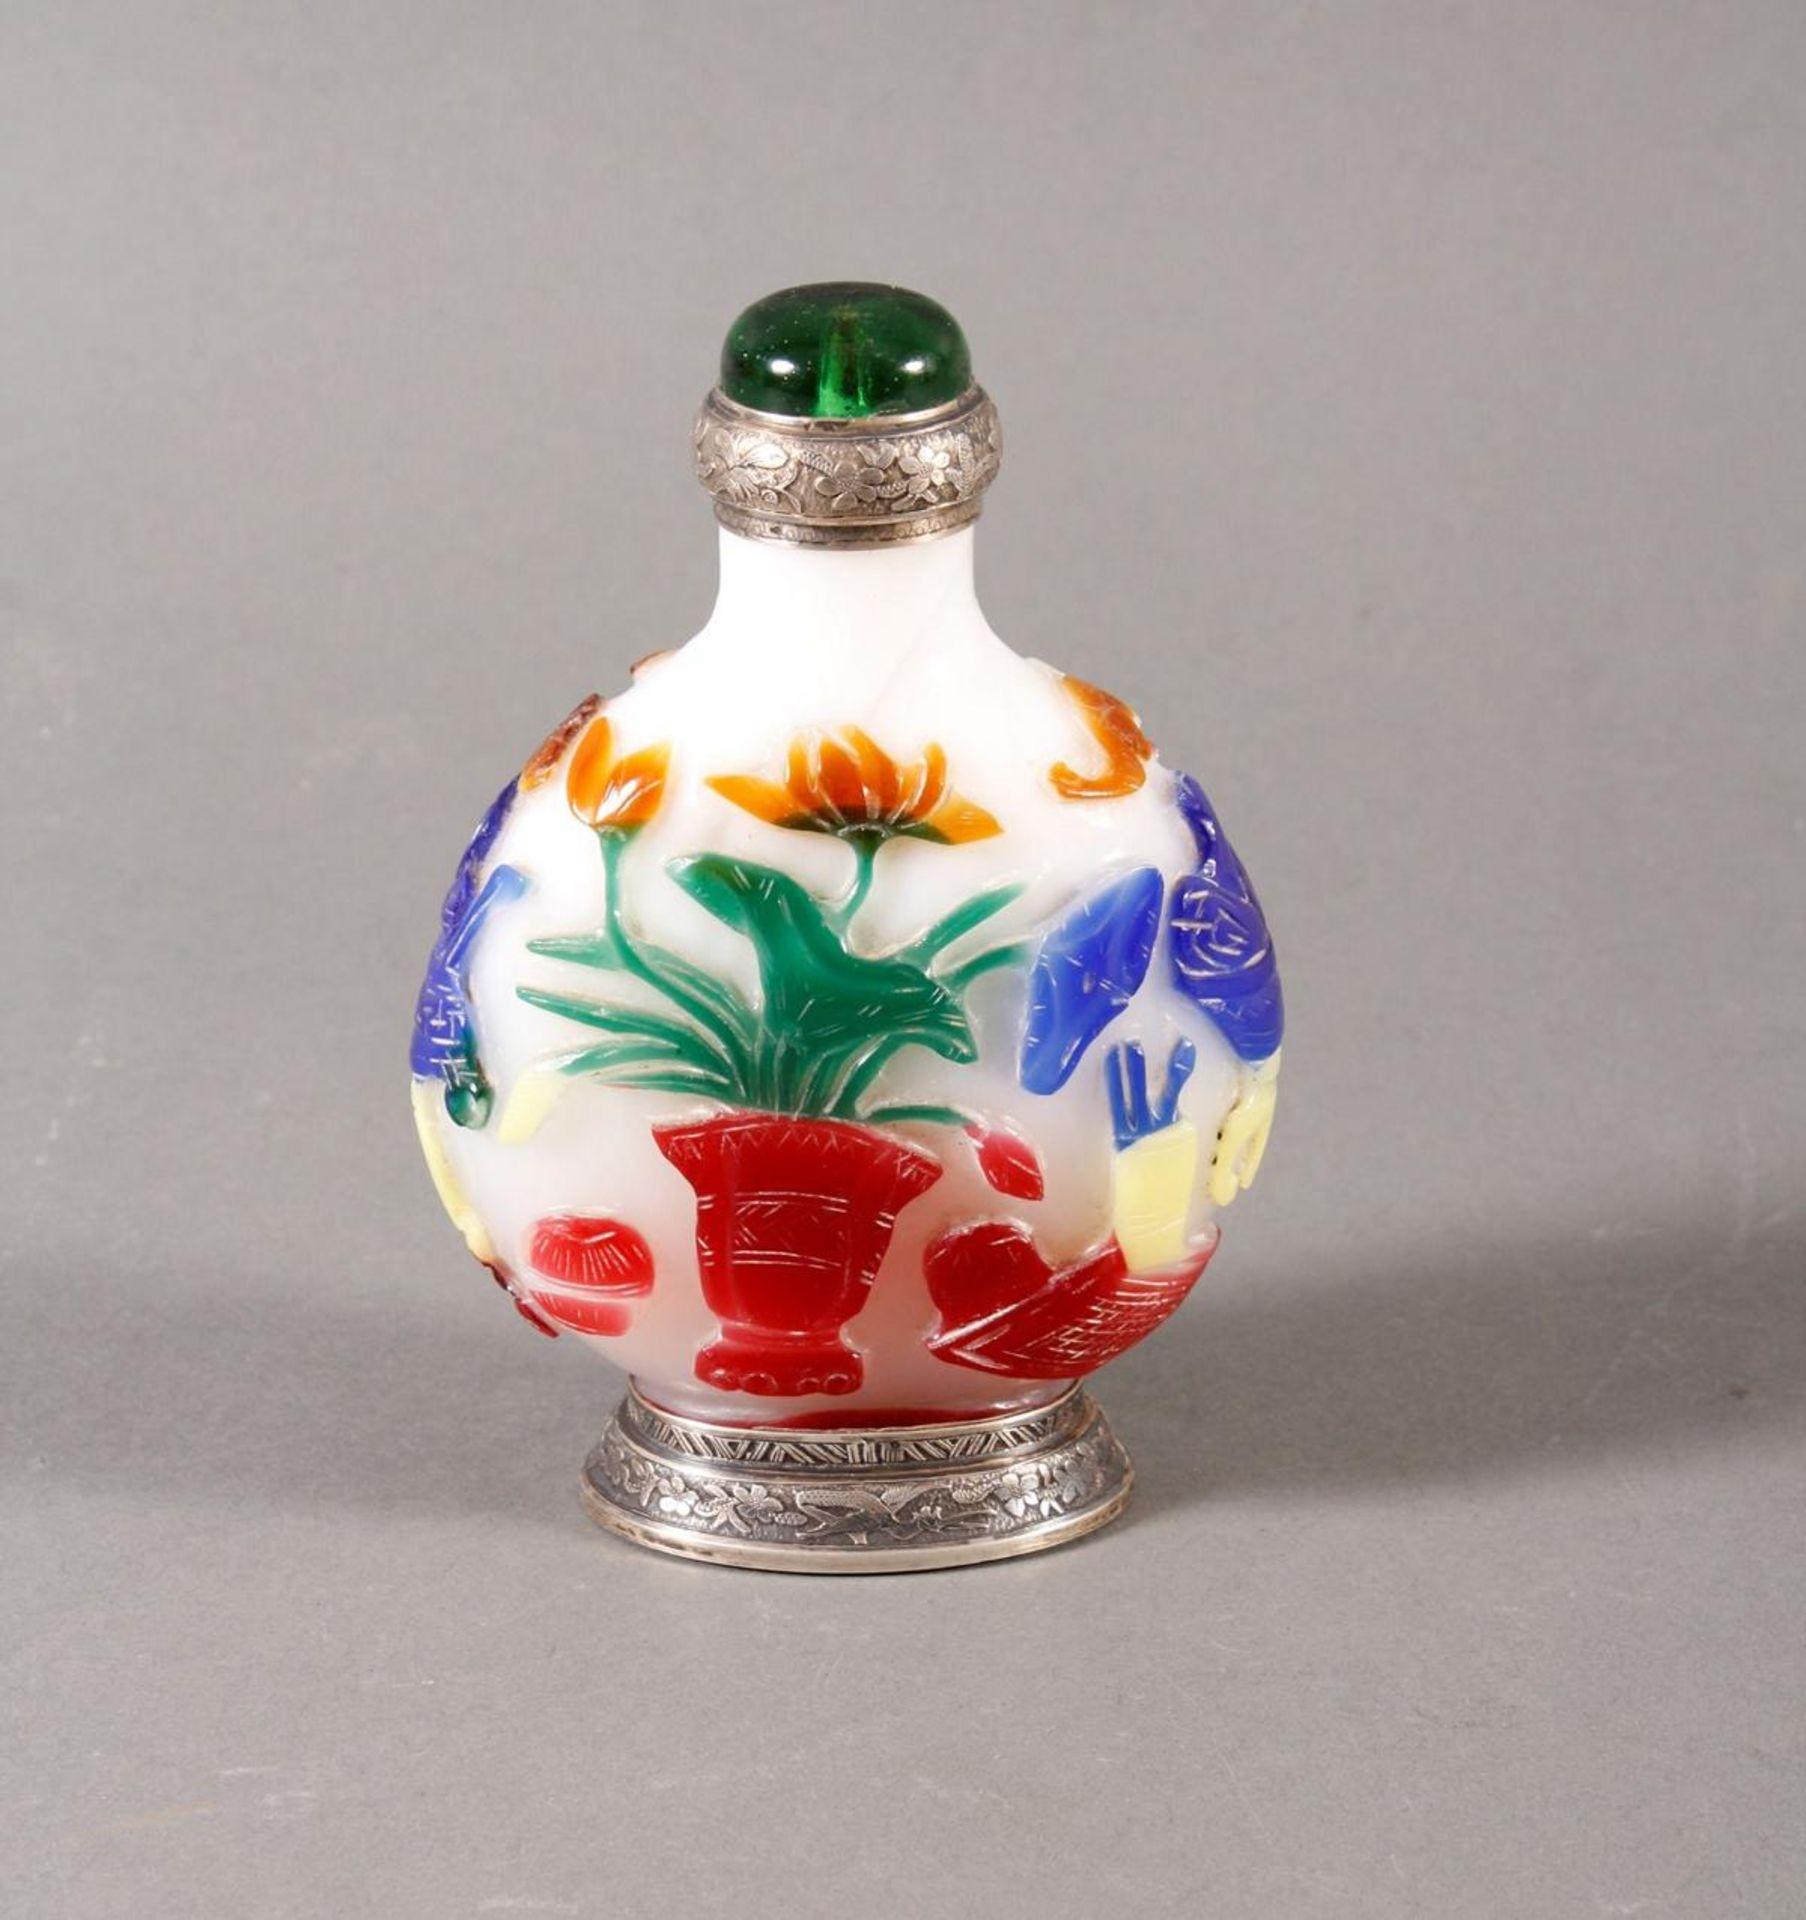 Snuff bottle, Überfangglas mit Silbermontur, China Anfang 20. Jahrhundert - Bild 4 aus 12